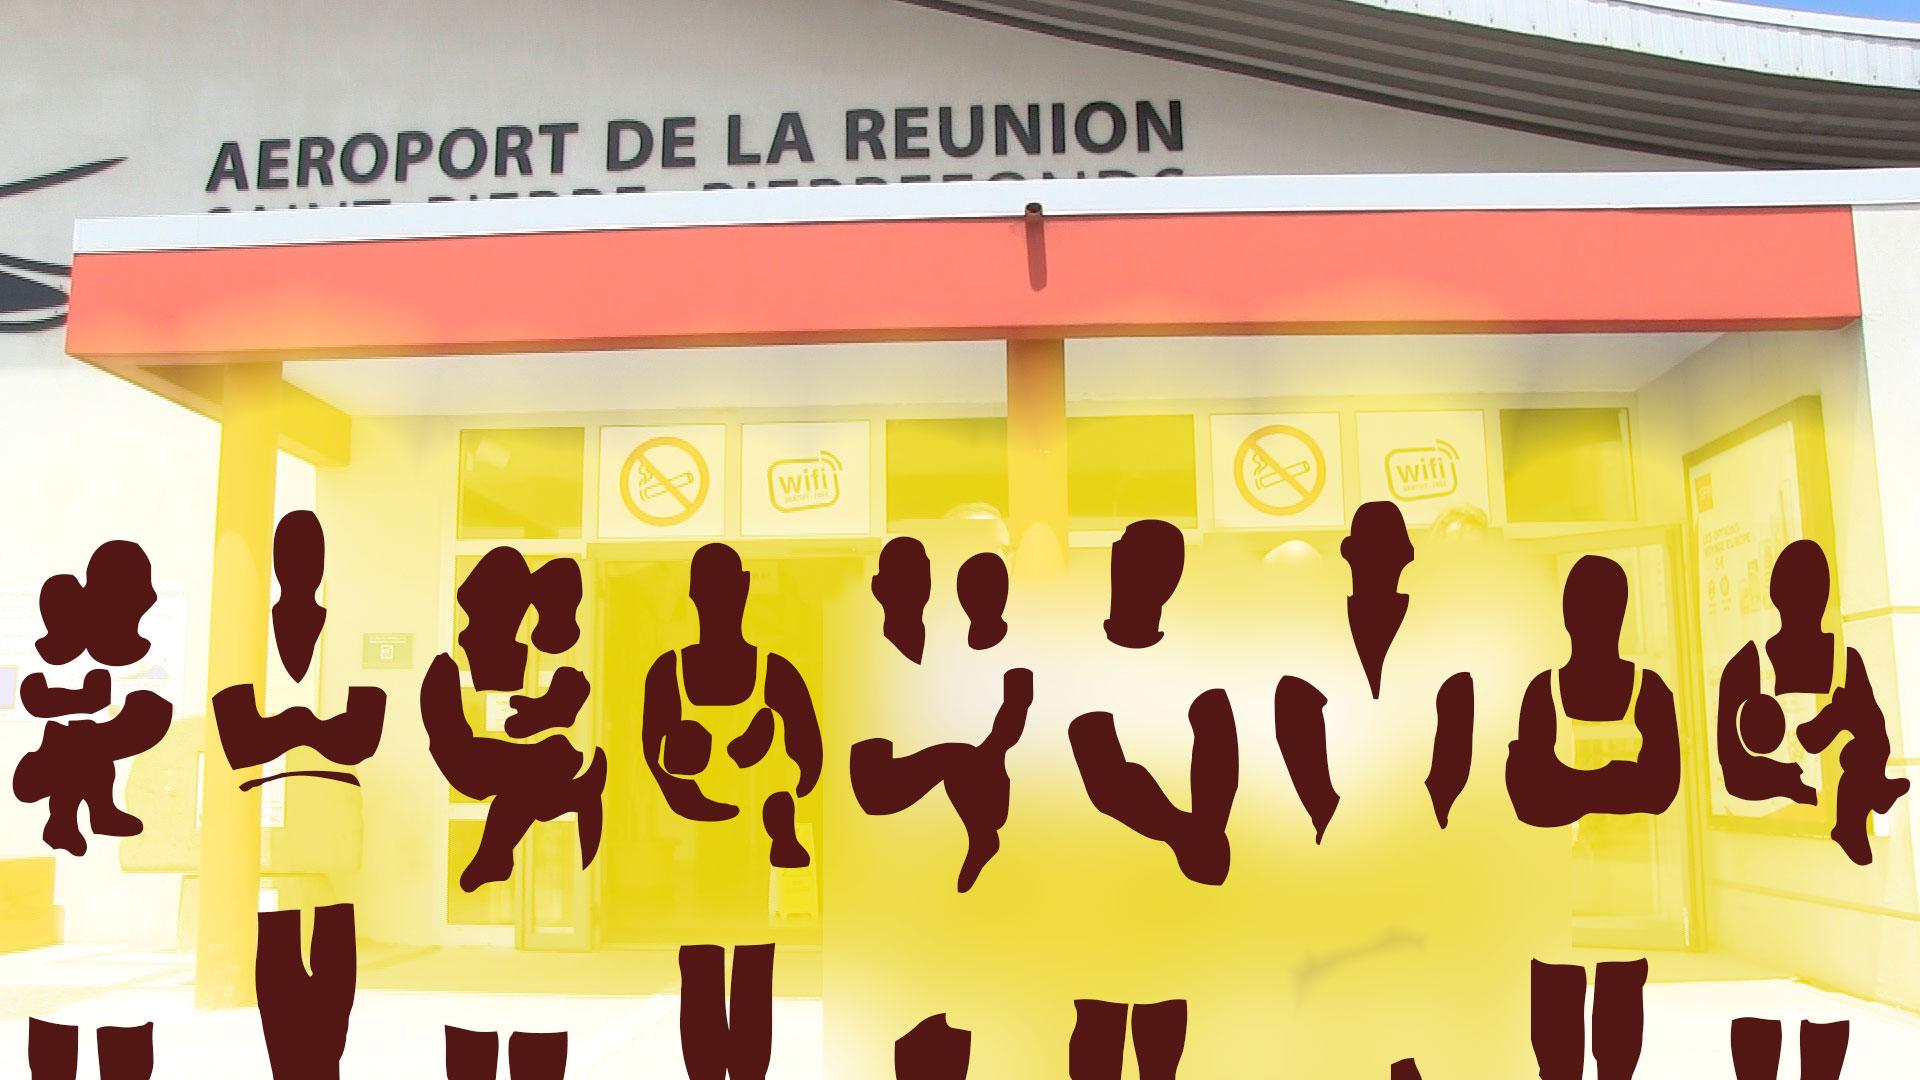 Mettre à niveau l'aéroport de Pierrefonds.